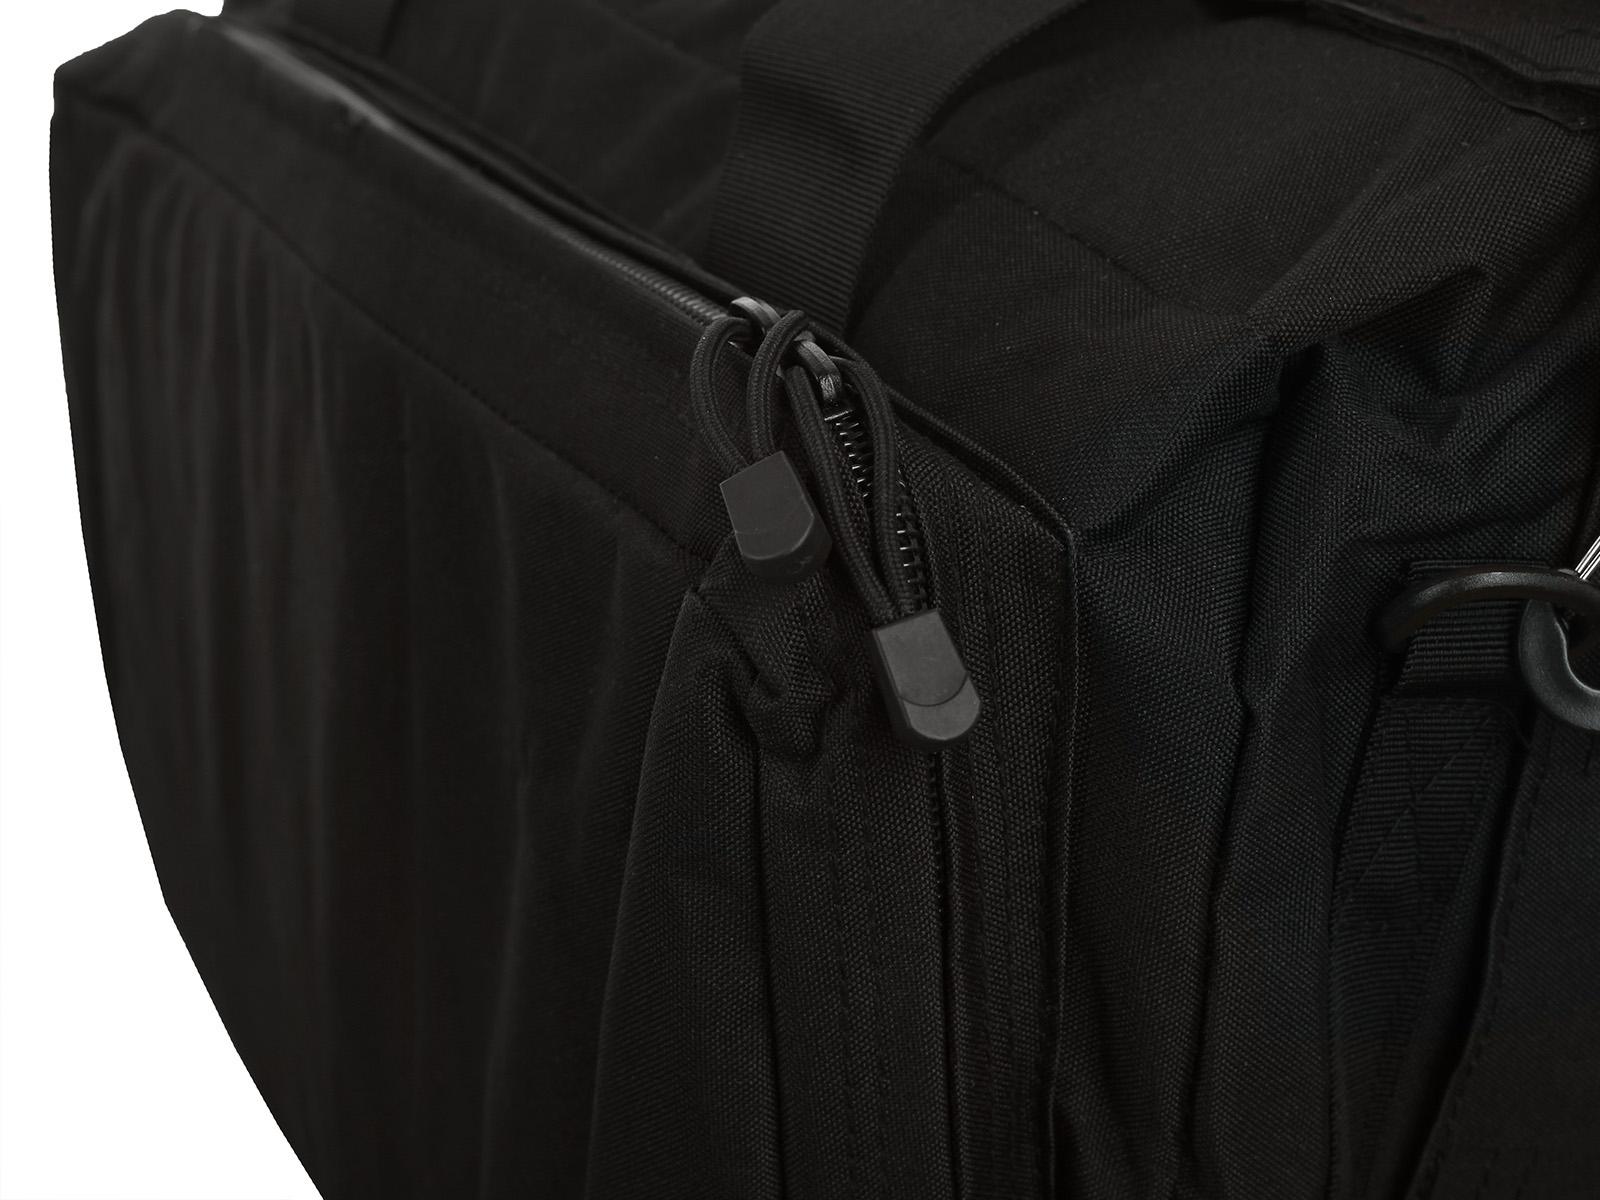 Черная военная сумка-рюкзак с нашивкой Танковые Войска - купить в Военпро